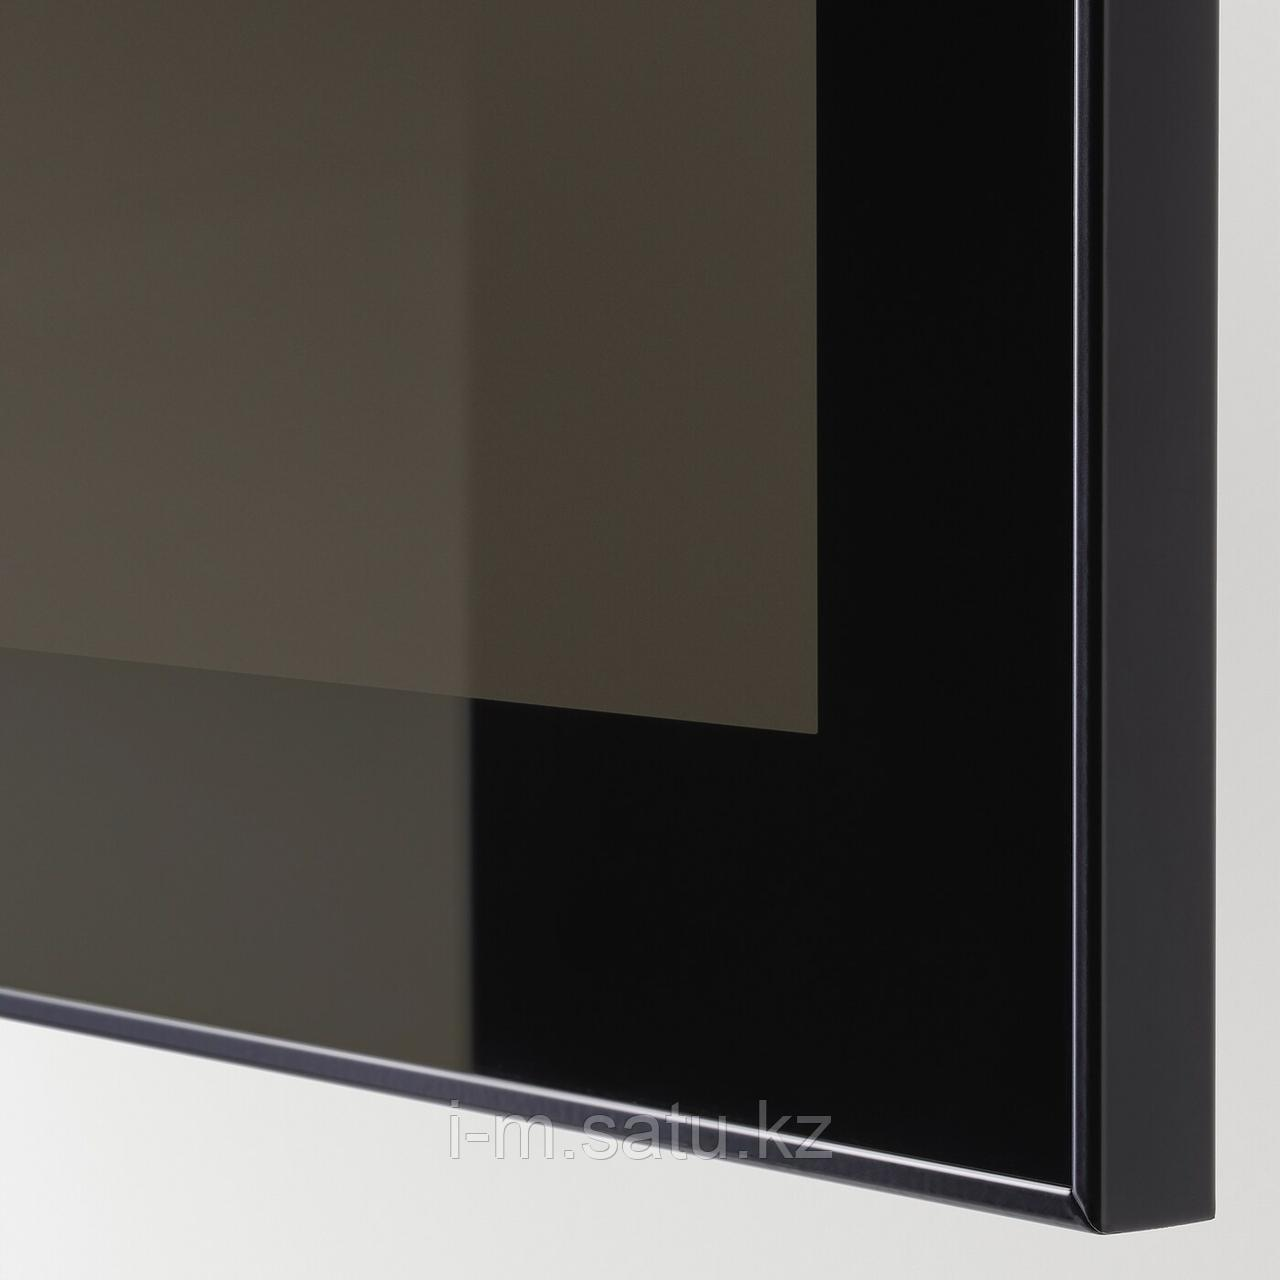 ГЛАССВИК Стеклянная дверь, черный, дымчатое стекло, 60x38 см